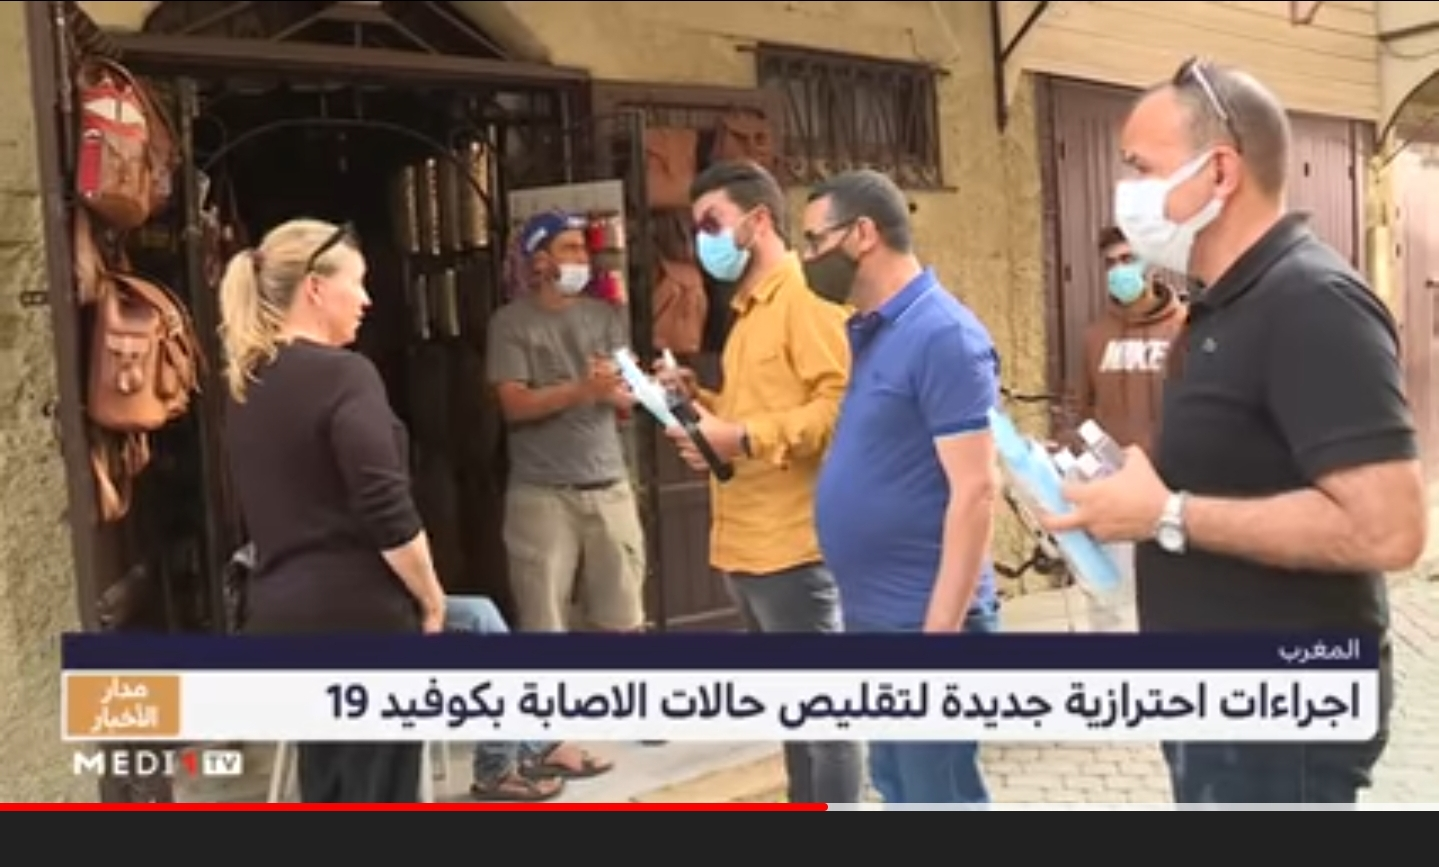 حملات ميدانية بالجديدة للتحسيس بأهمية التلقيح ضد كورونا (قناة ميدي 1 تيفي)